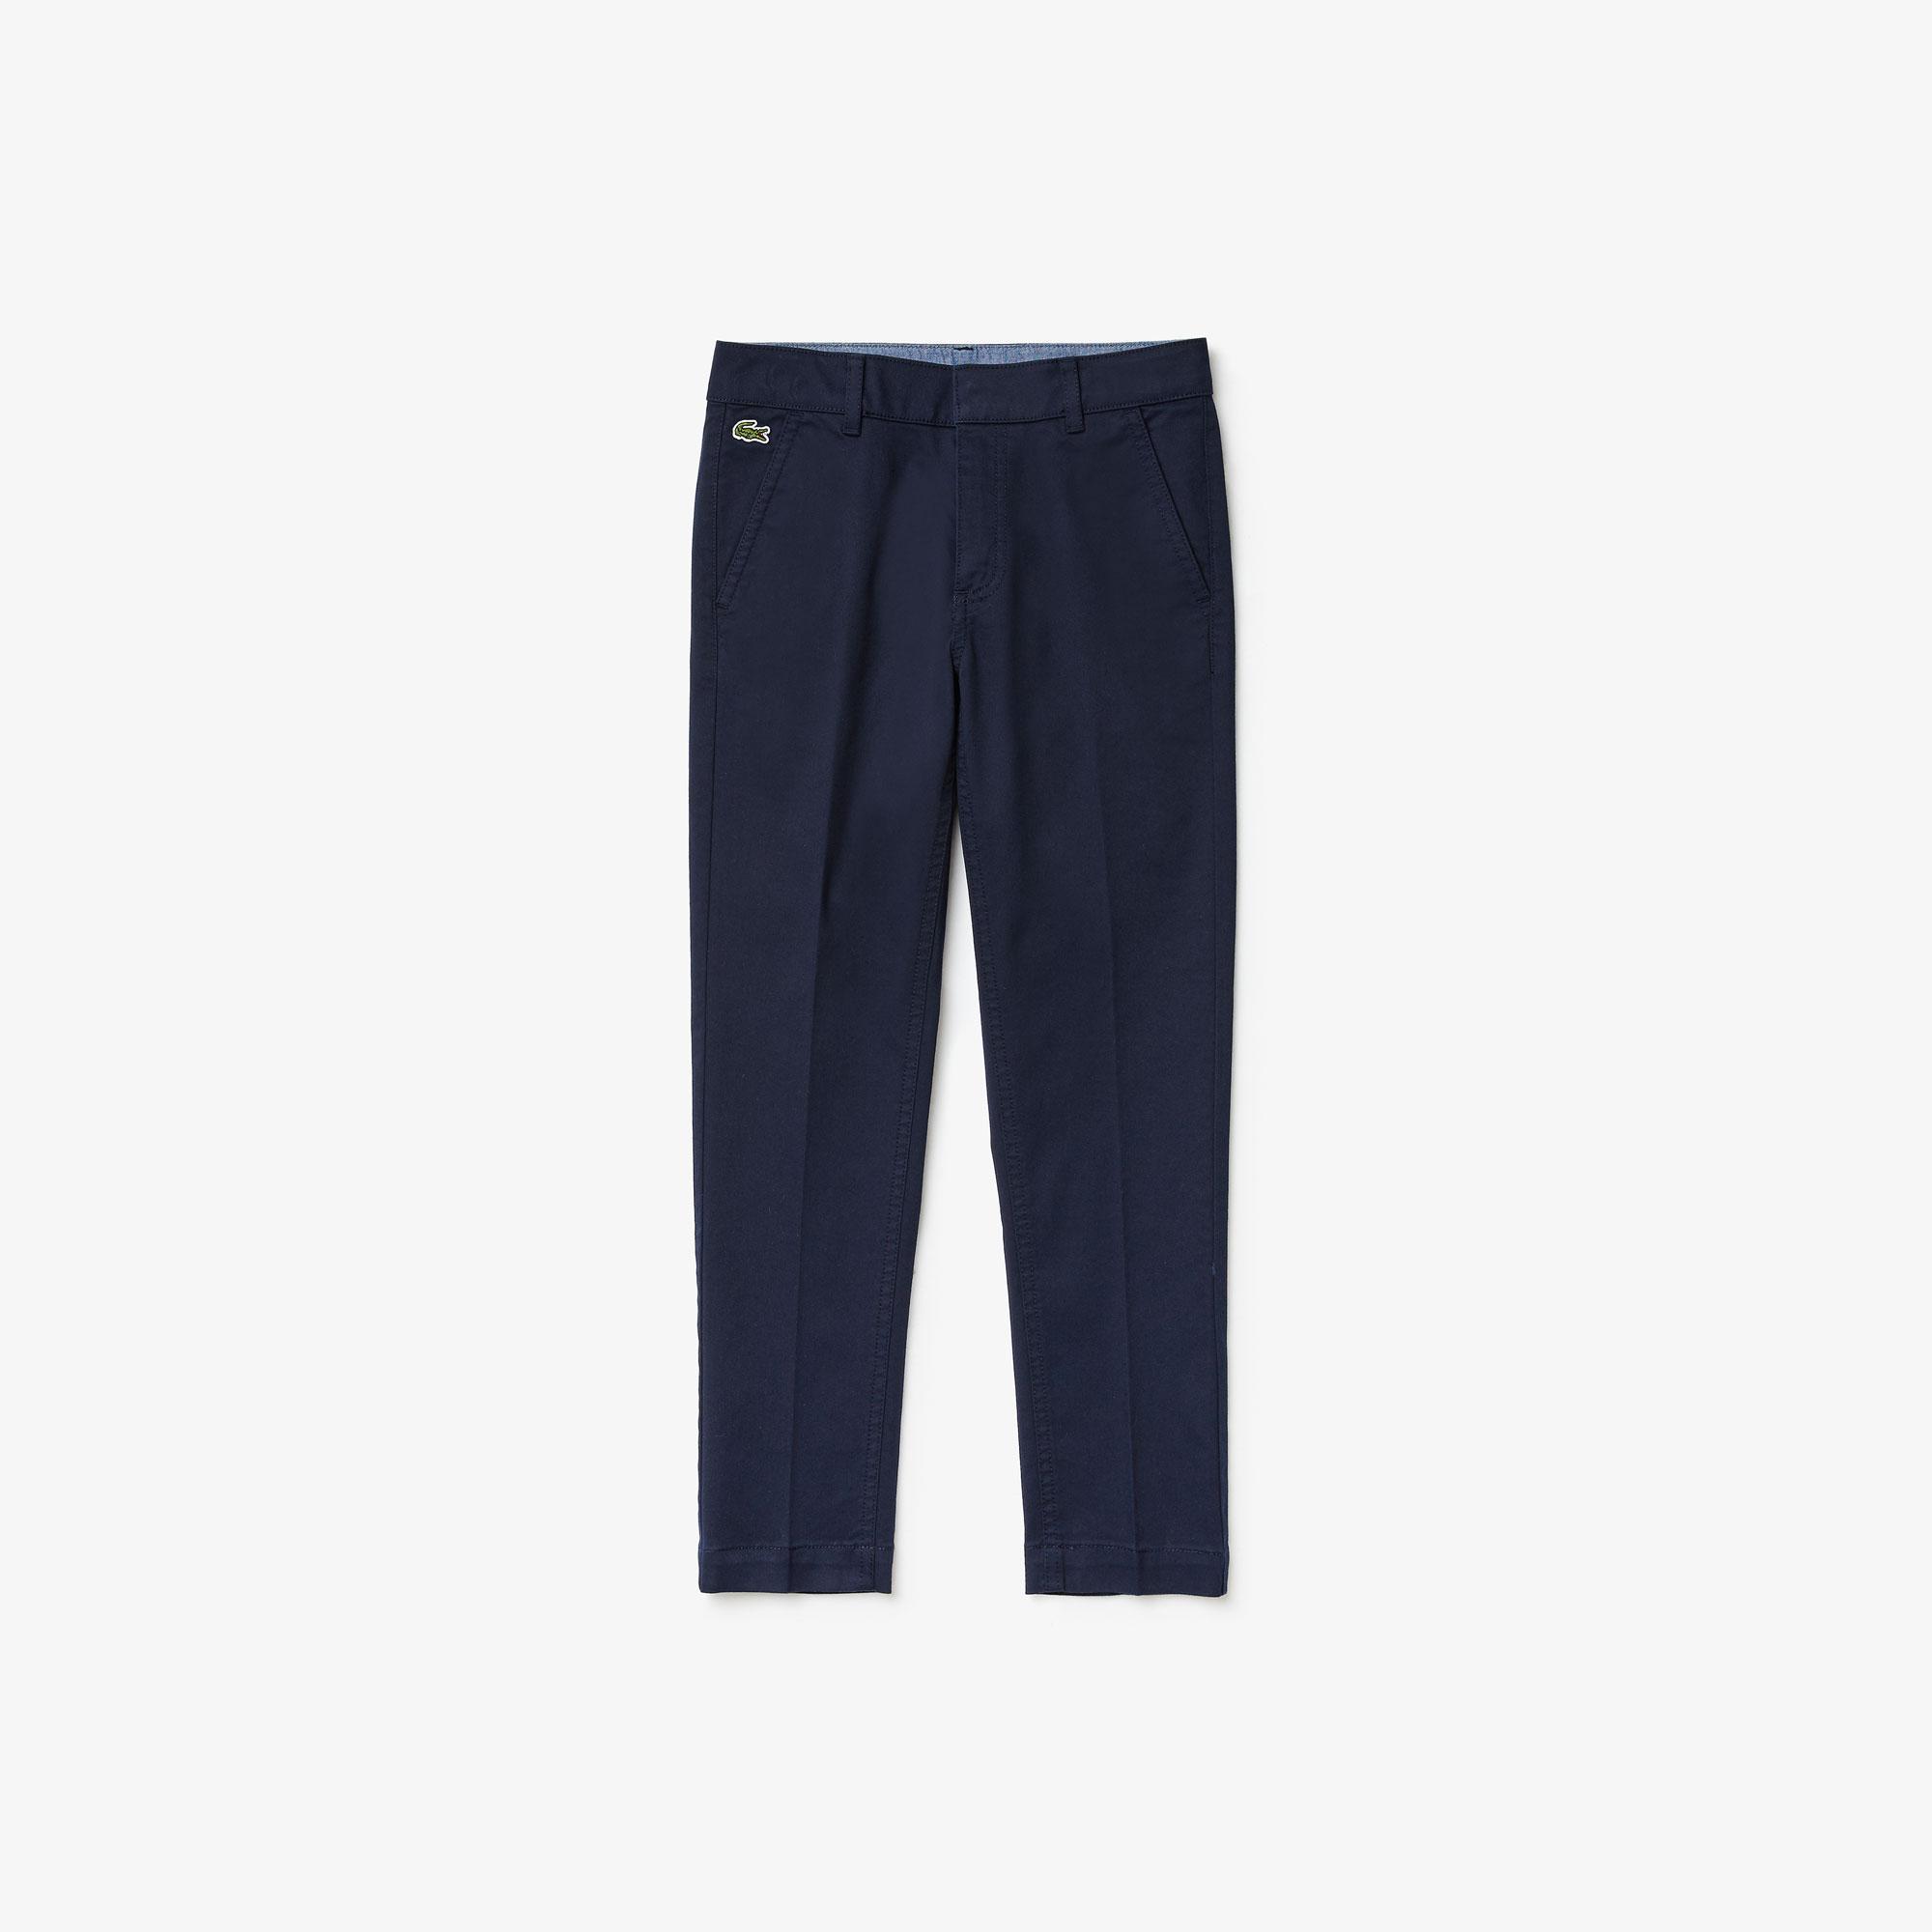 Lacoste Çocuk Lacivert Pantolon